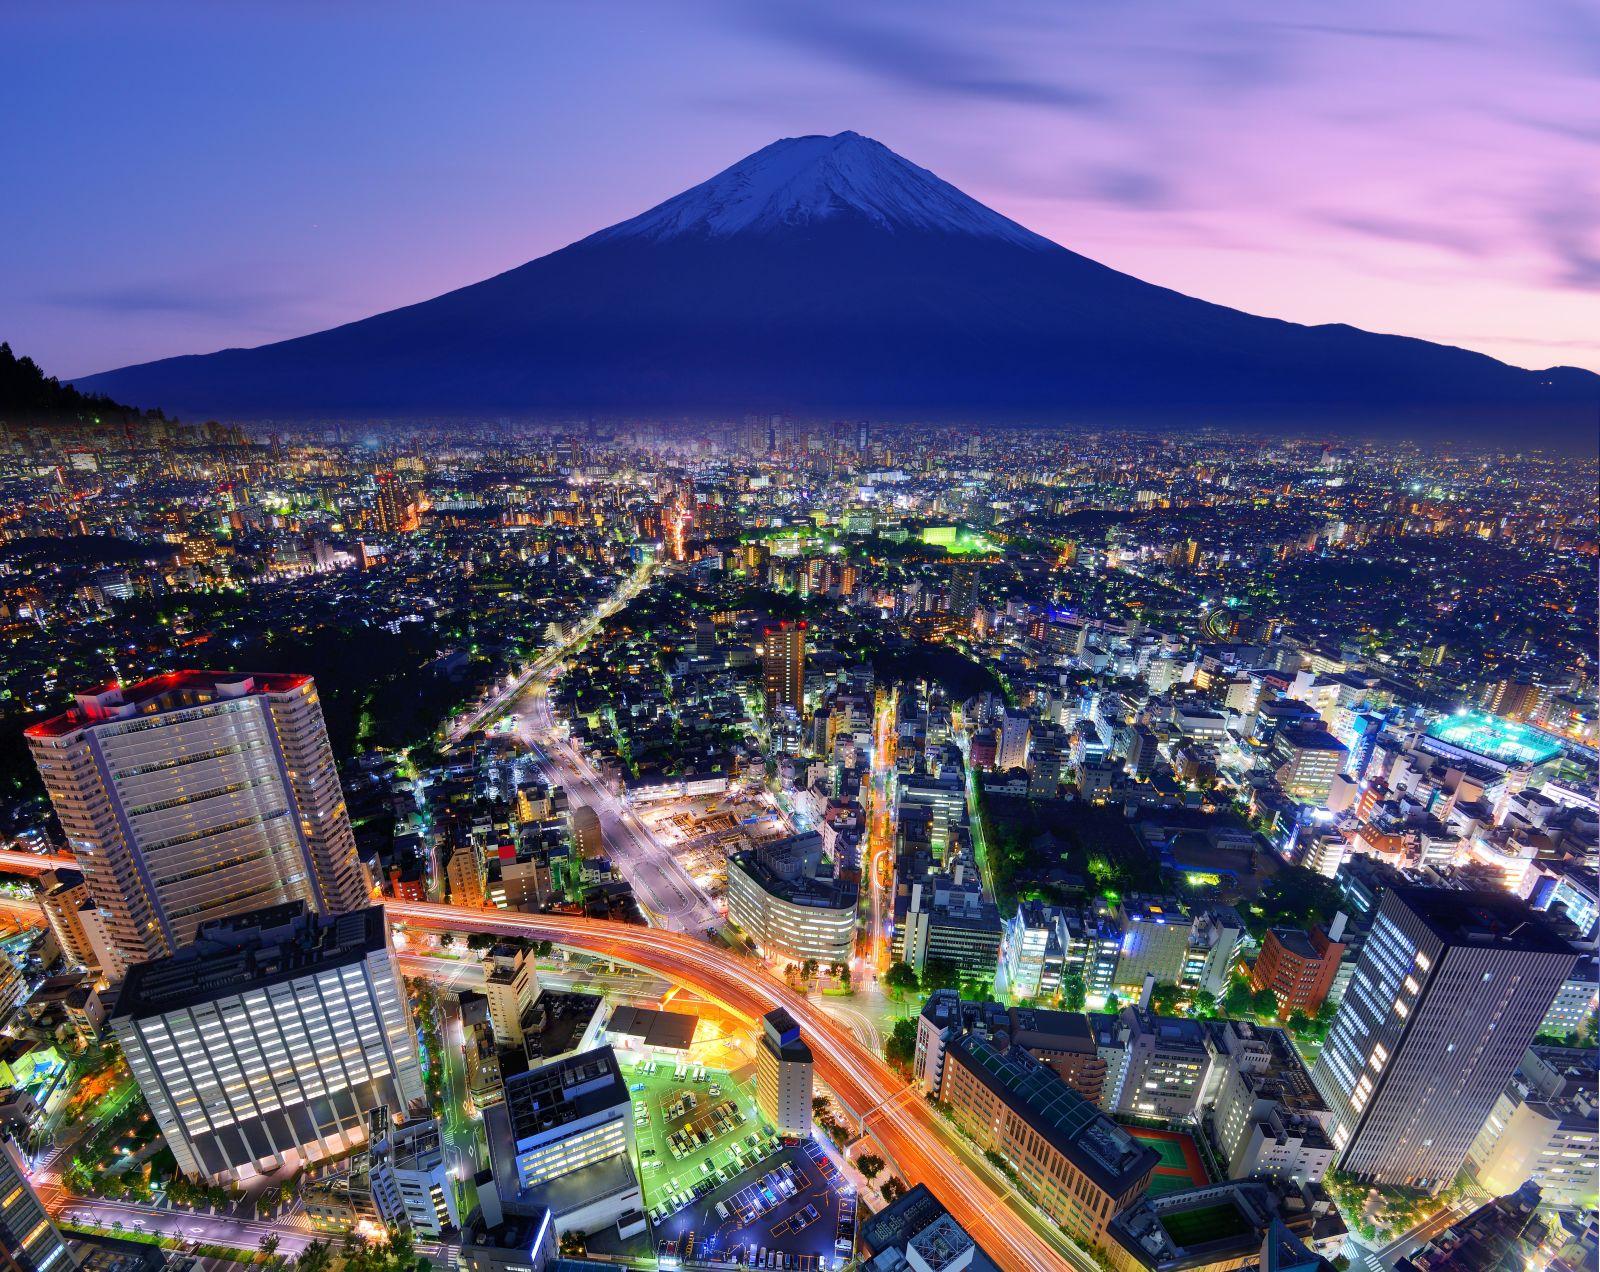 Asia, Japan, Shinjuku